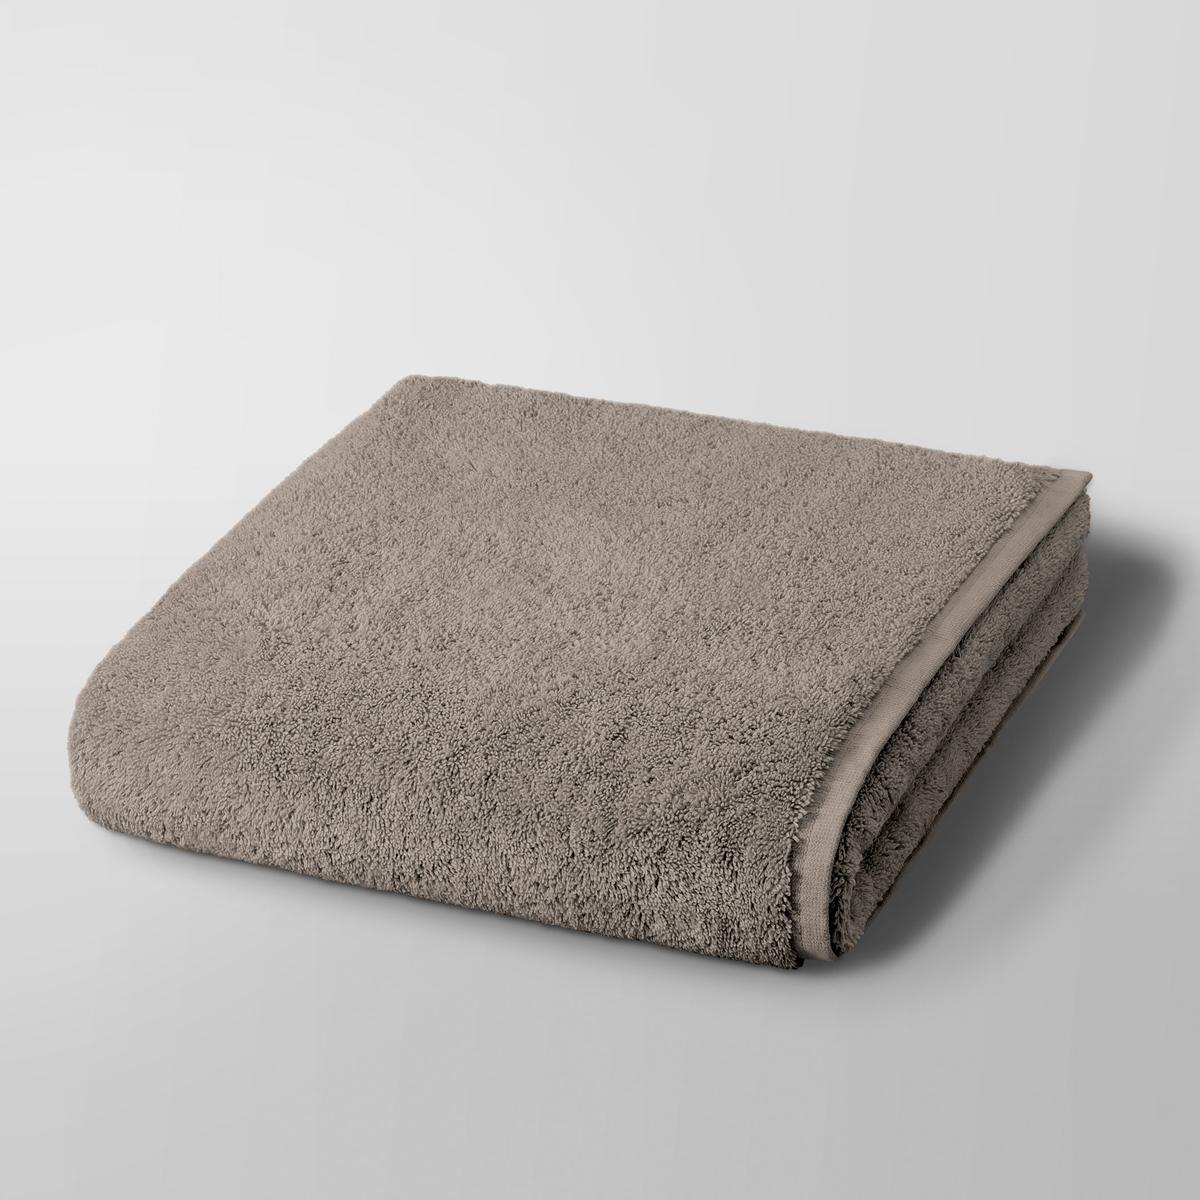 Полотенце банное Gilbear, 100%хлопок<br><br>Цвет: светло-серый,серо-коричневый,серо-розовый,сине-зеленый,синий морской,темно-серый,черный<br>Размер: 68 x 140  см